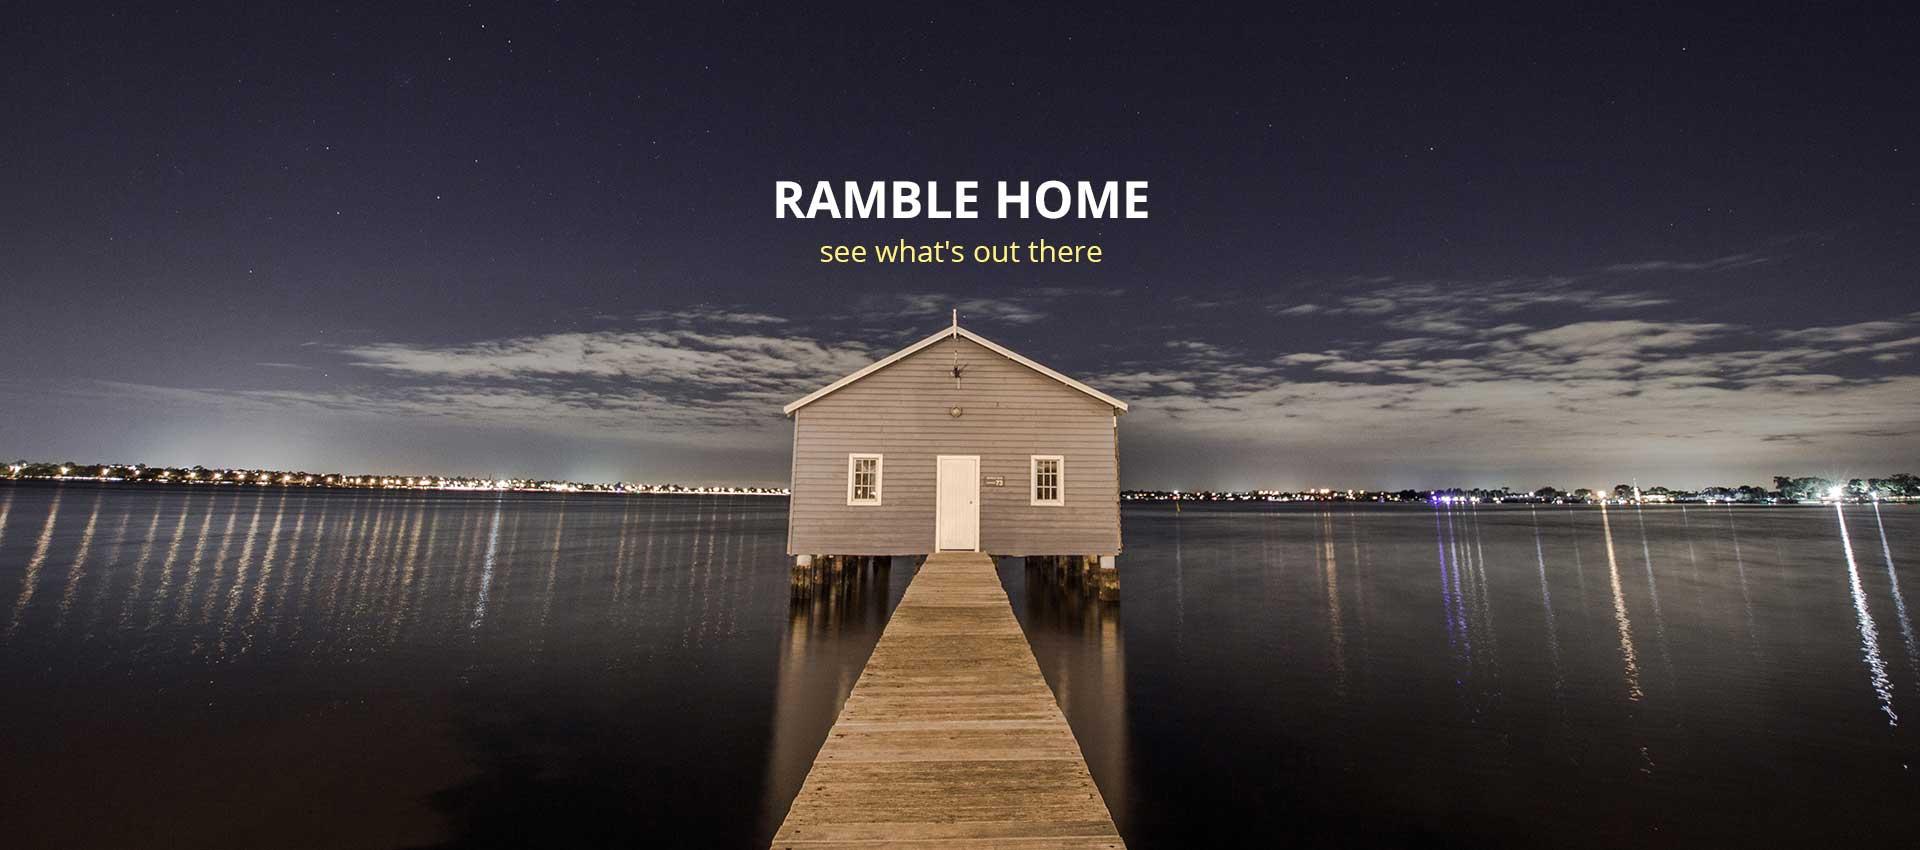 Thông tin tổng quan, khó khăn và kết quả đạt được của dự án RambleHome